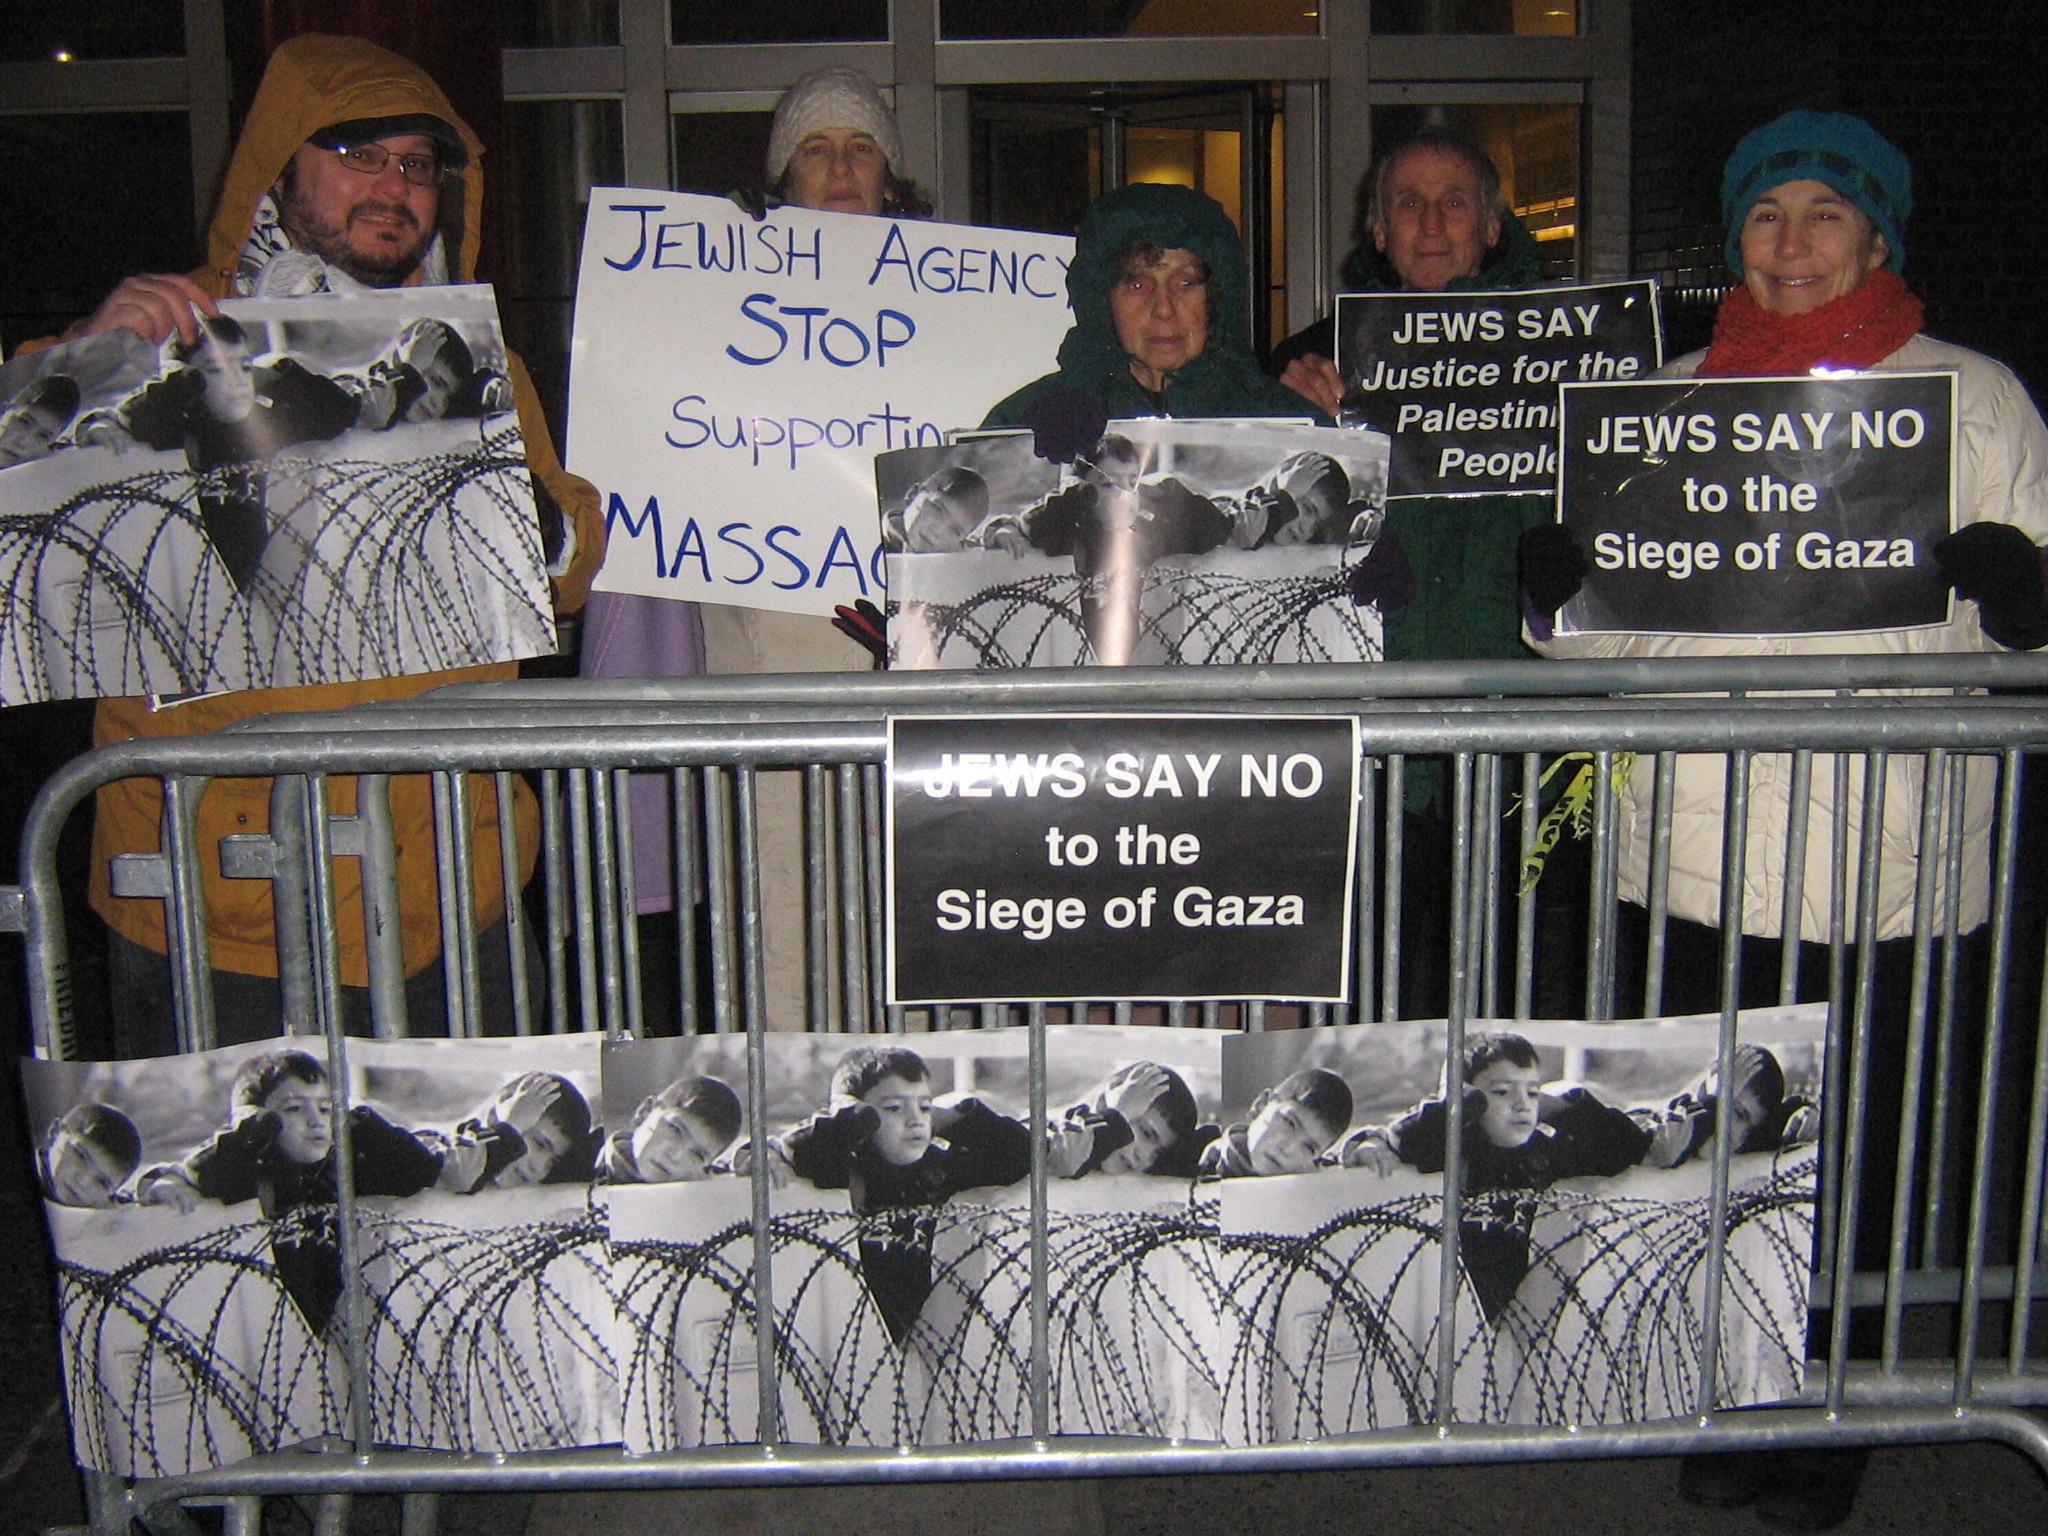 PHOTO:  Jewssayno.wordpress.com